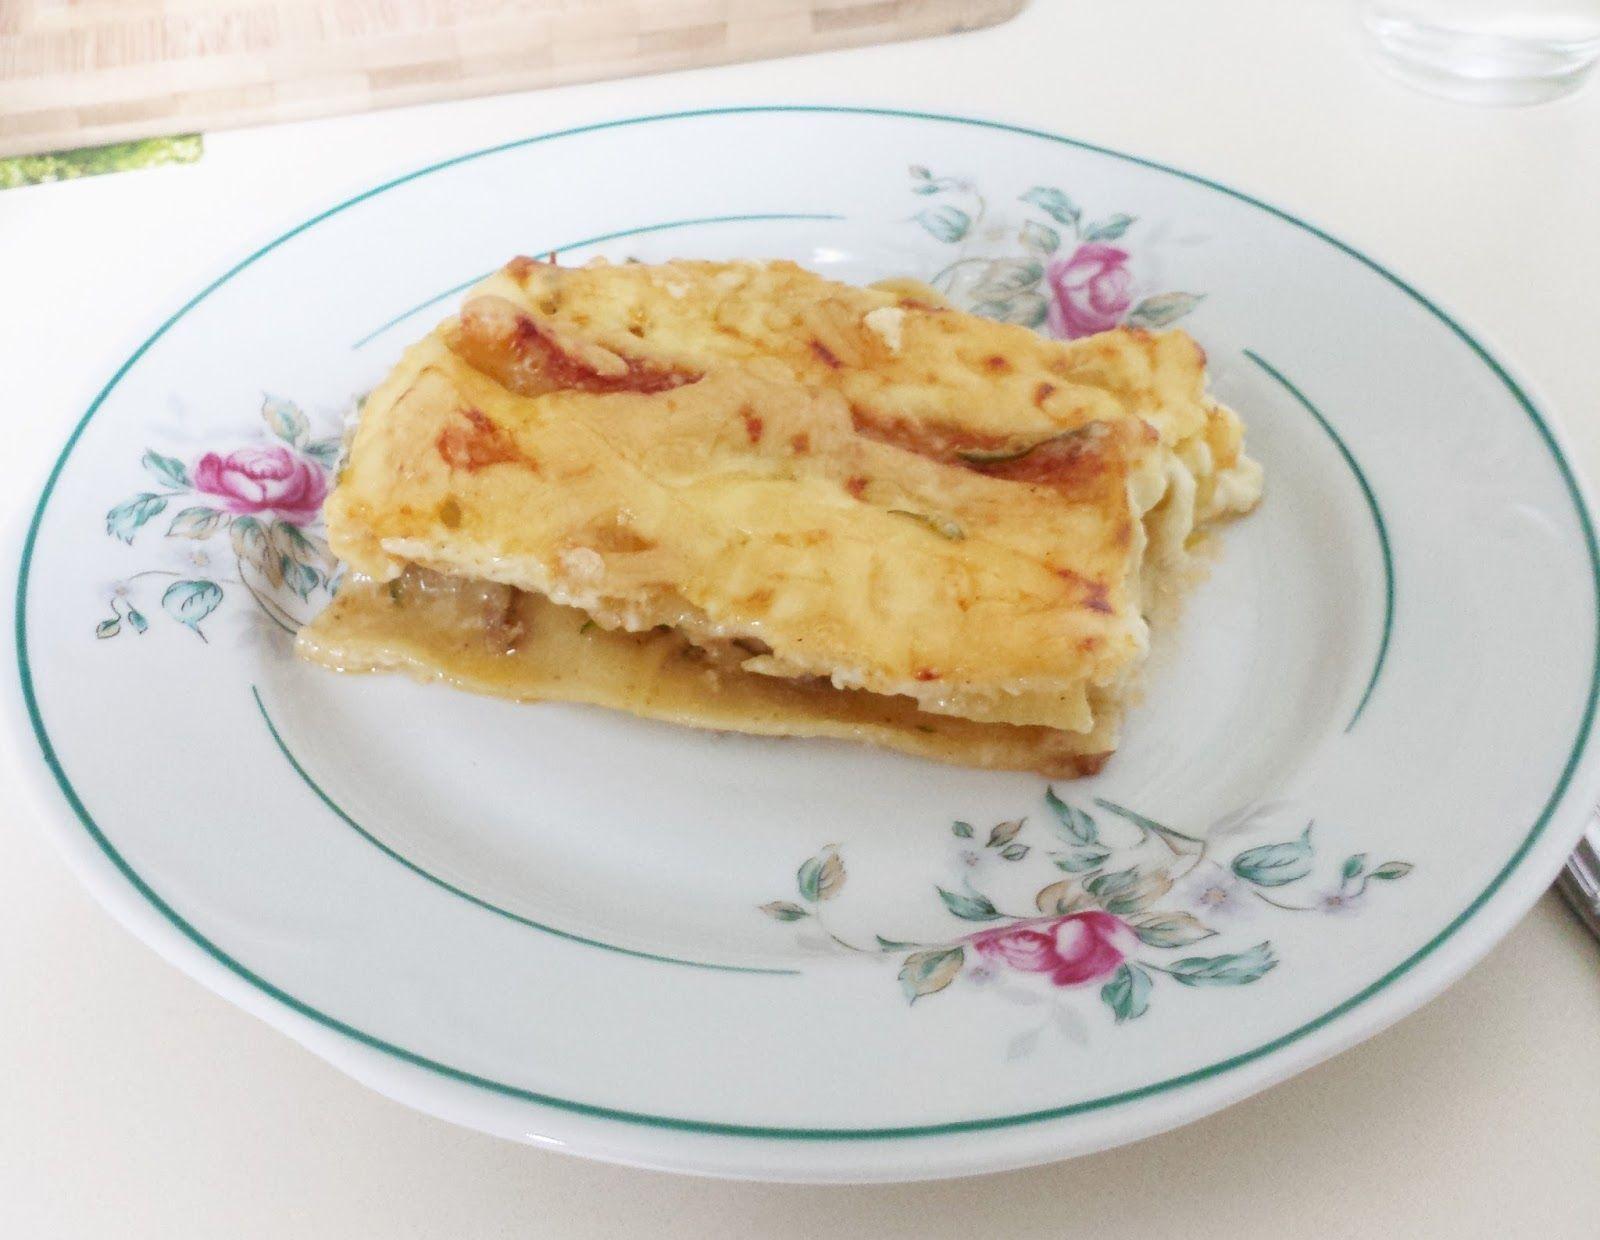 monis_paradise ♥: {Rezept} Zucchini-Hack-Cannelloni